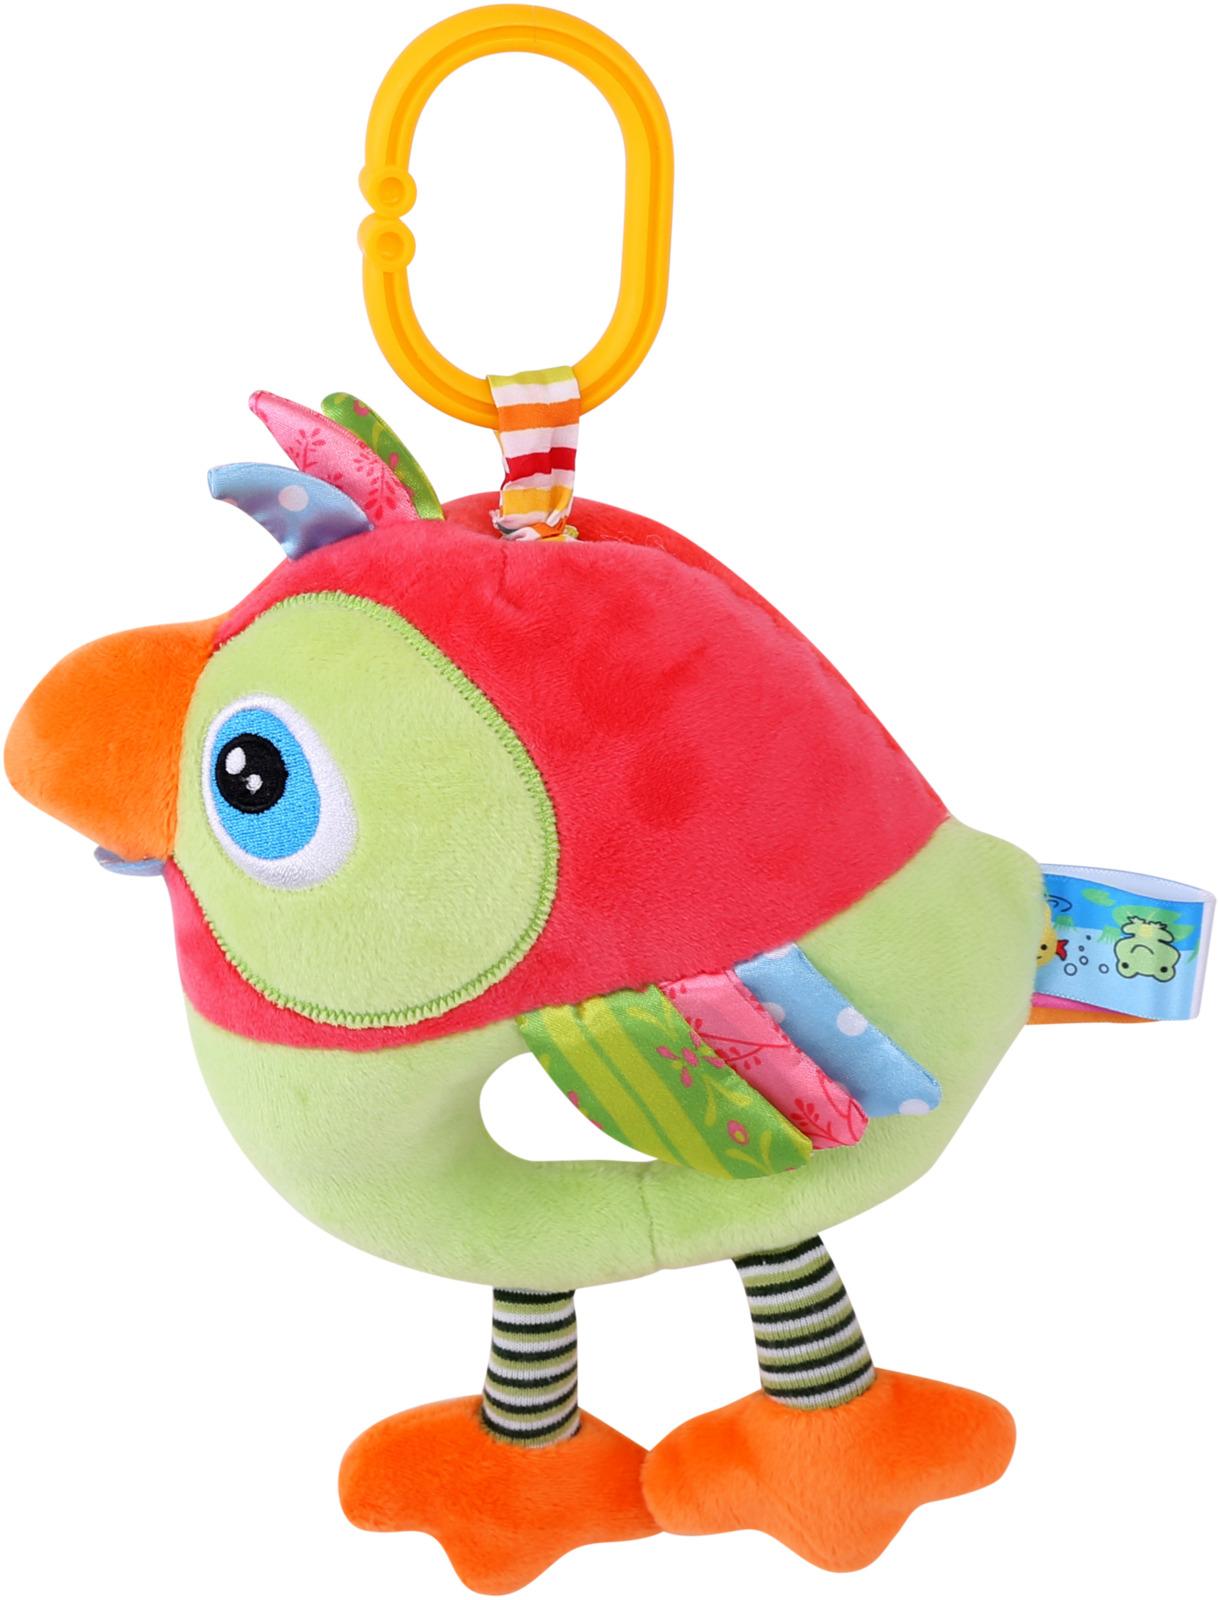 Подвесная музыкальная игрушка Lorelli Toys Попугай. 10191270003 игрушка подвеска lorelli toys 1019112